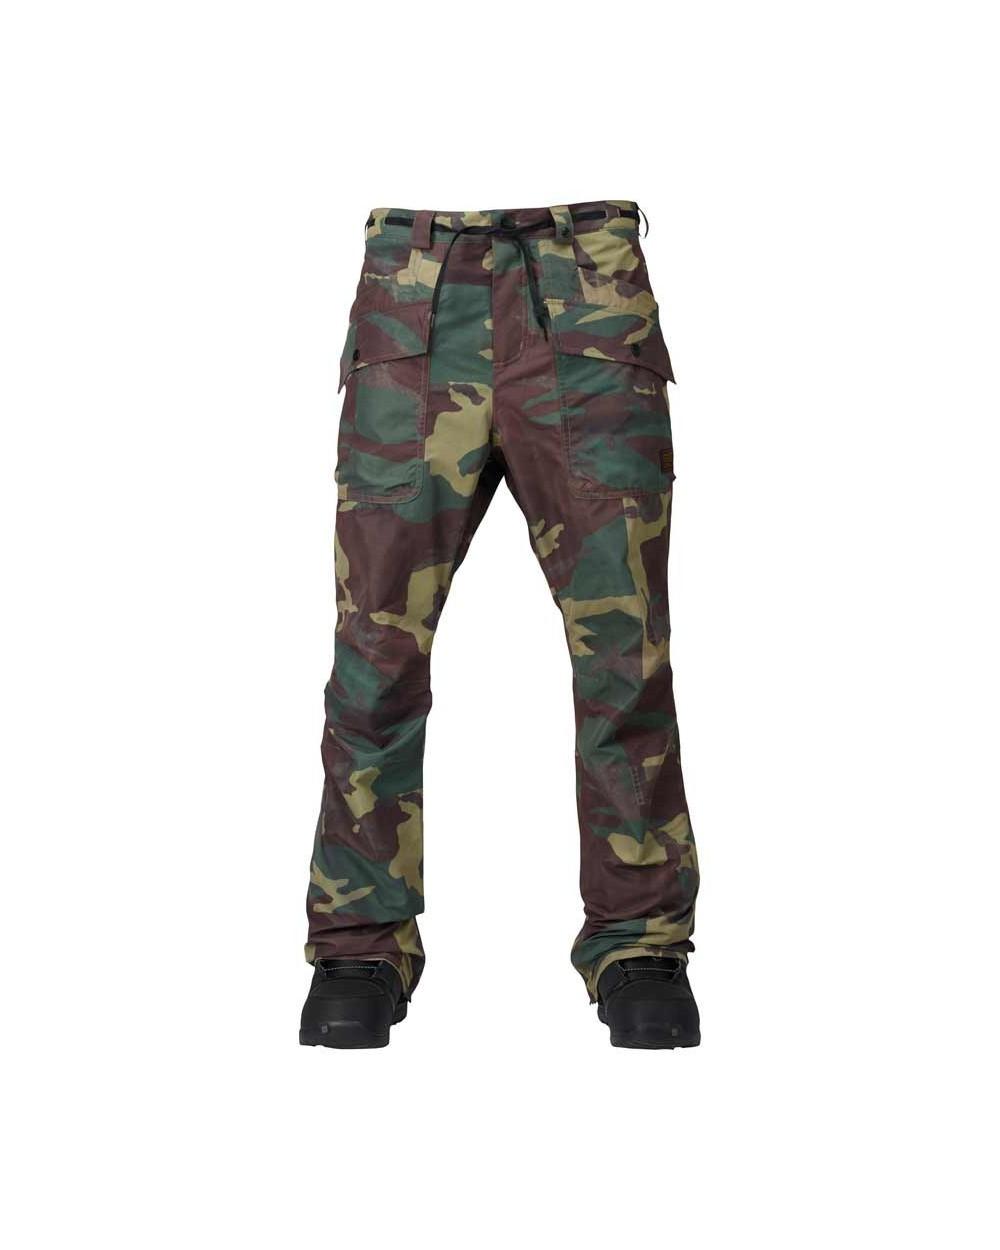 Analog Field Pant - Surplus Camo